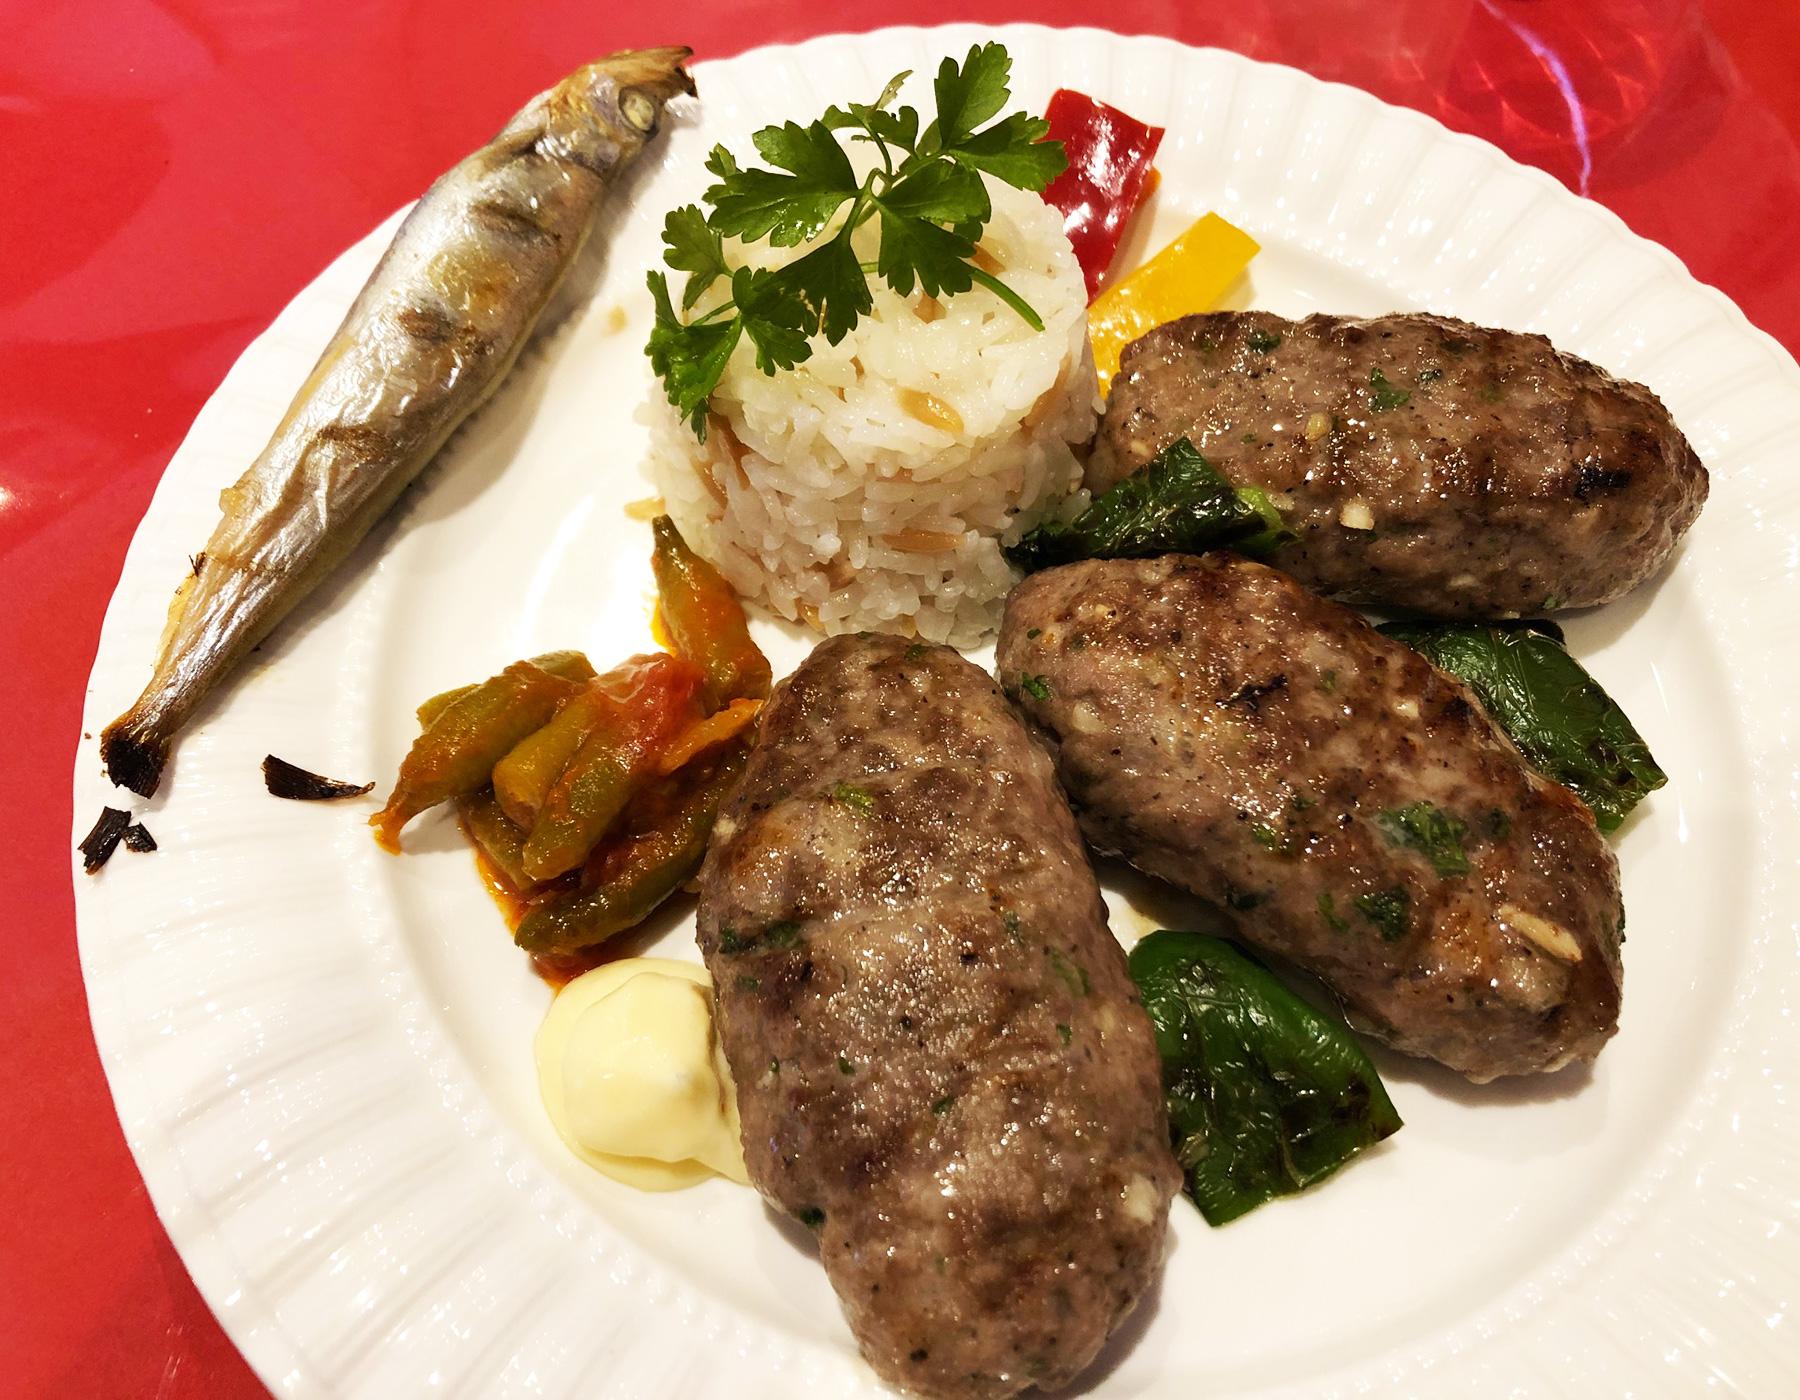 浦和のトルコ料理アセナのトルコハンバーグ「キョフテ」